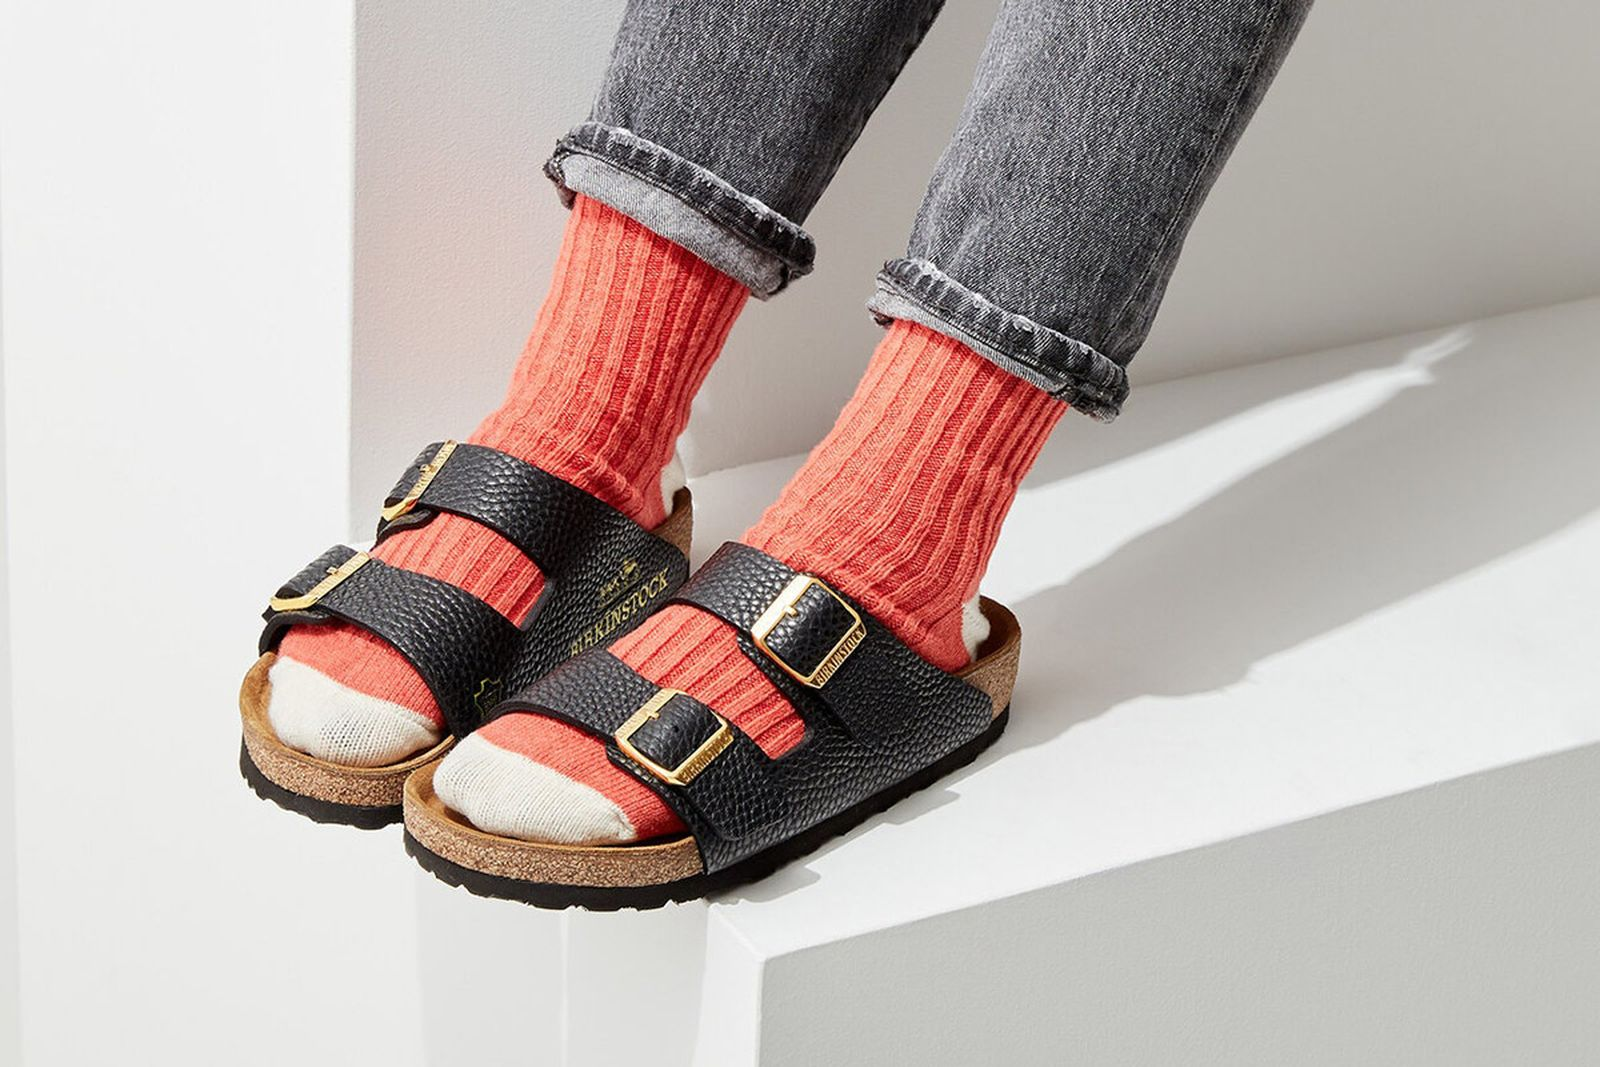 birkenstock-hermes-birkin-sandal-bootleg-03